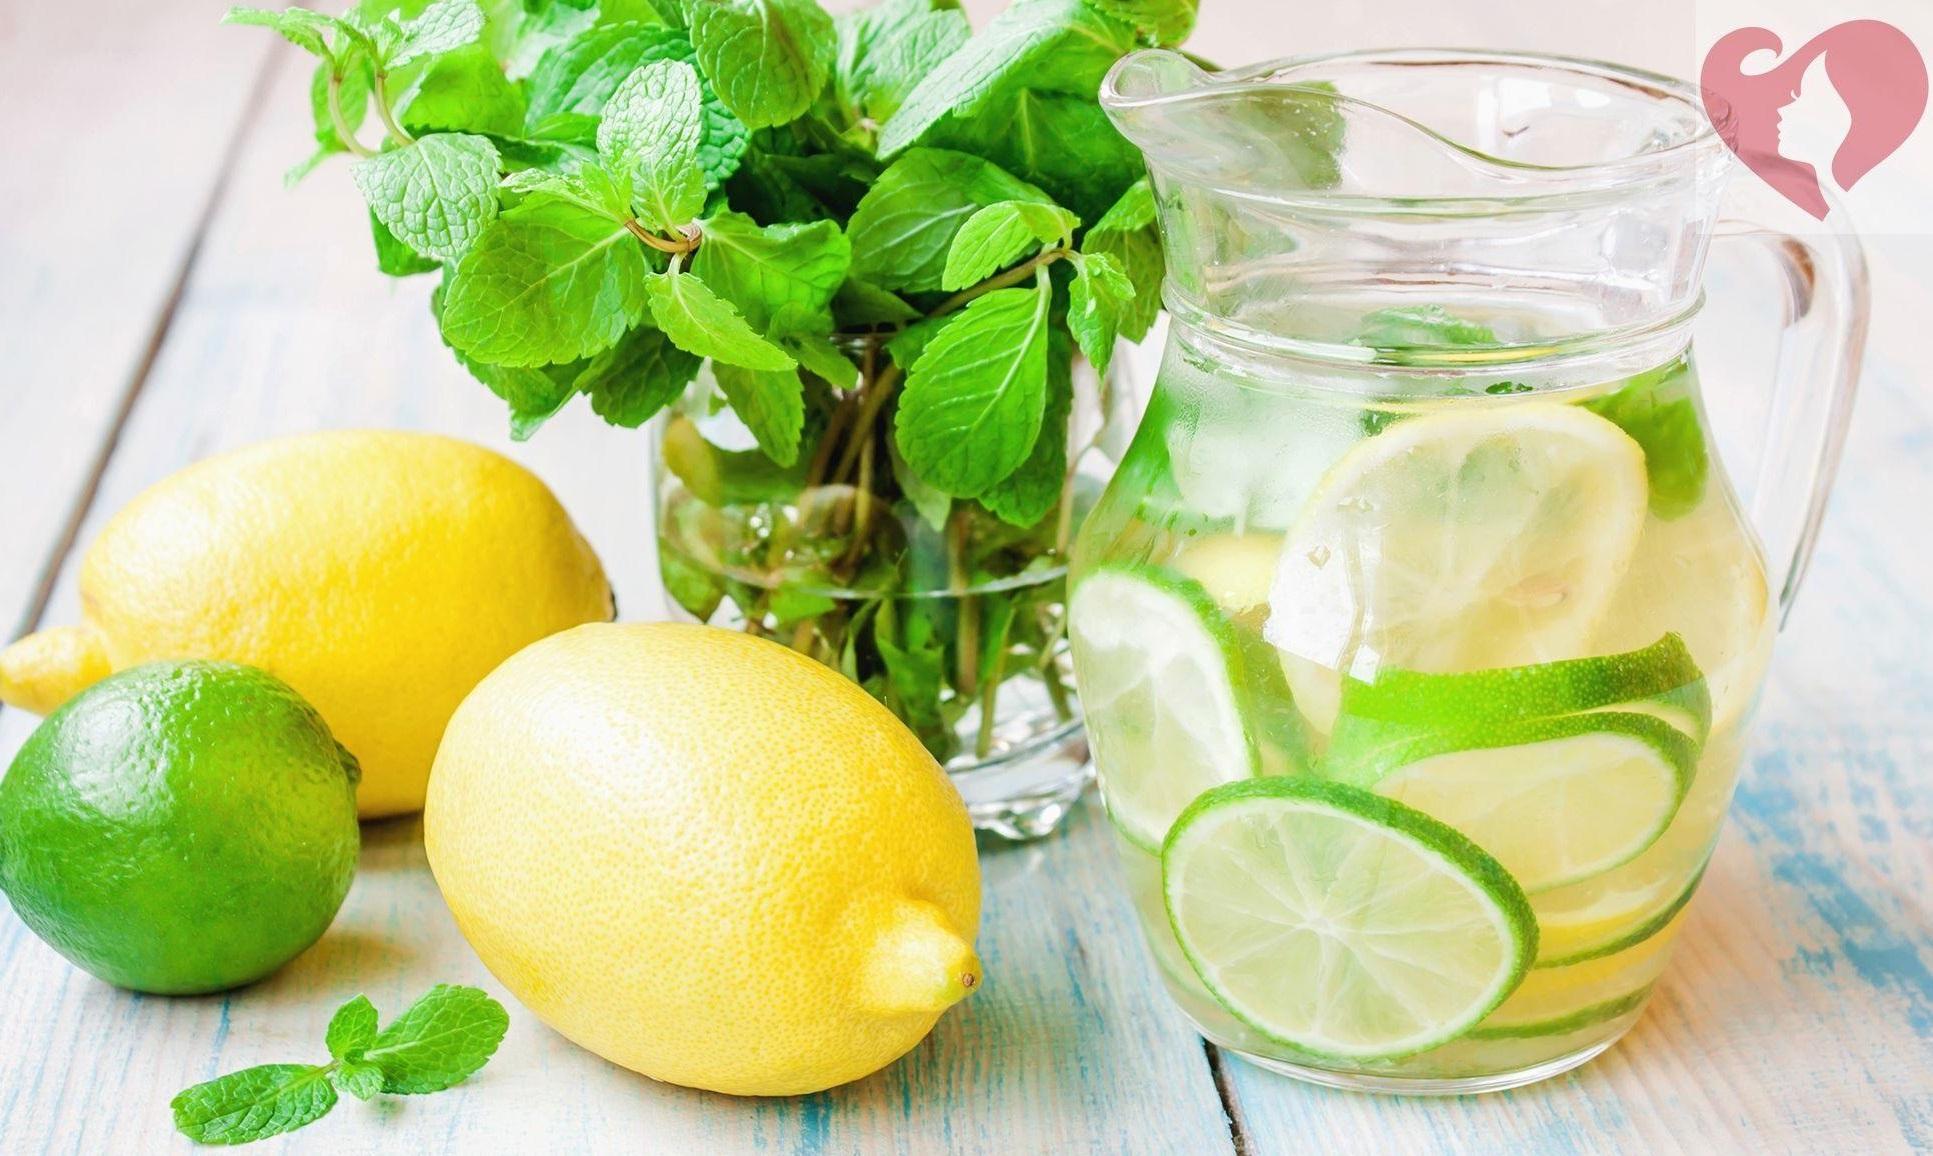 Сок лимона и лайма